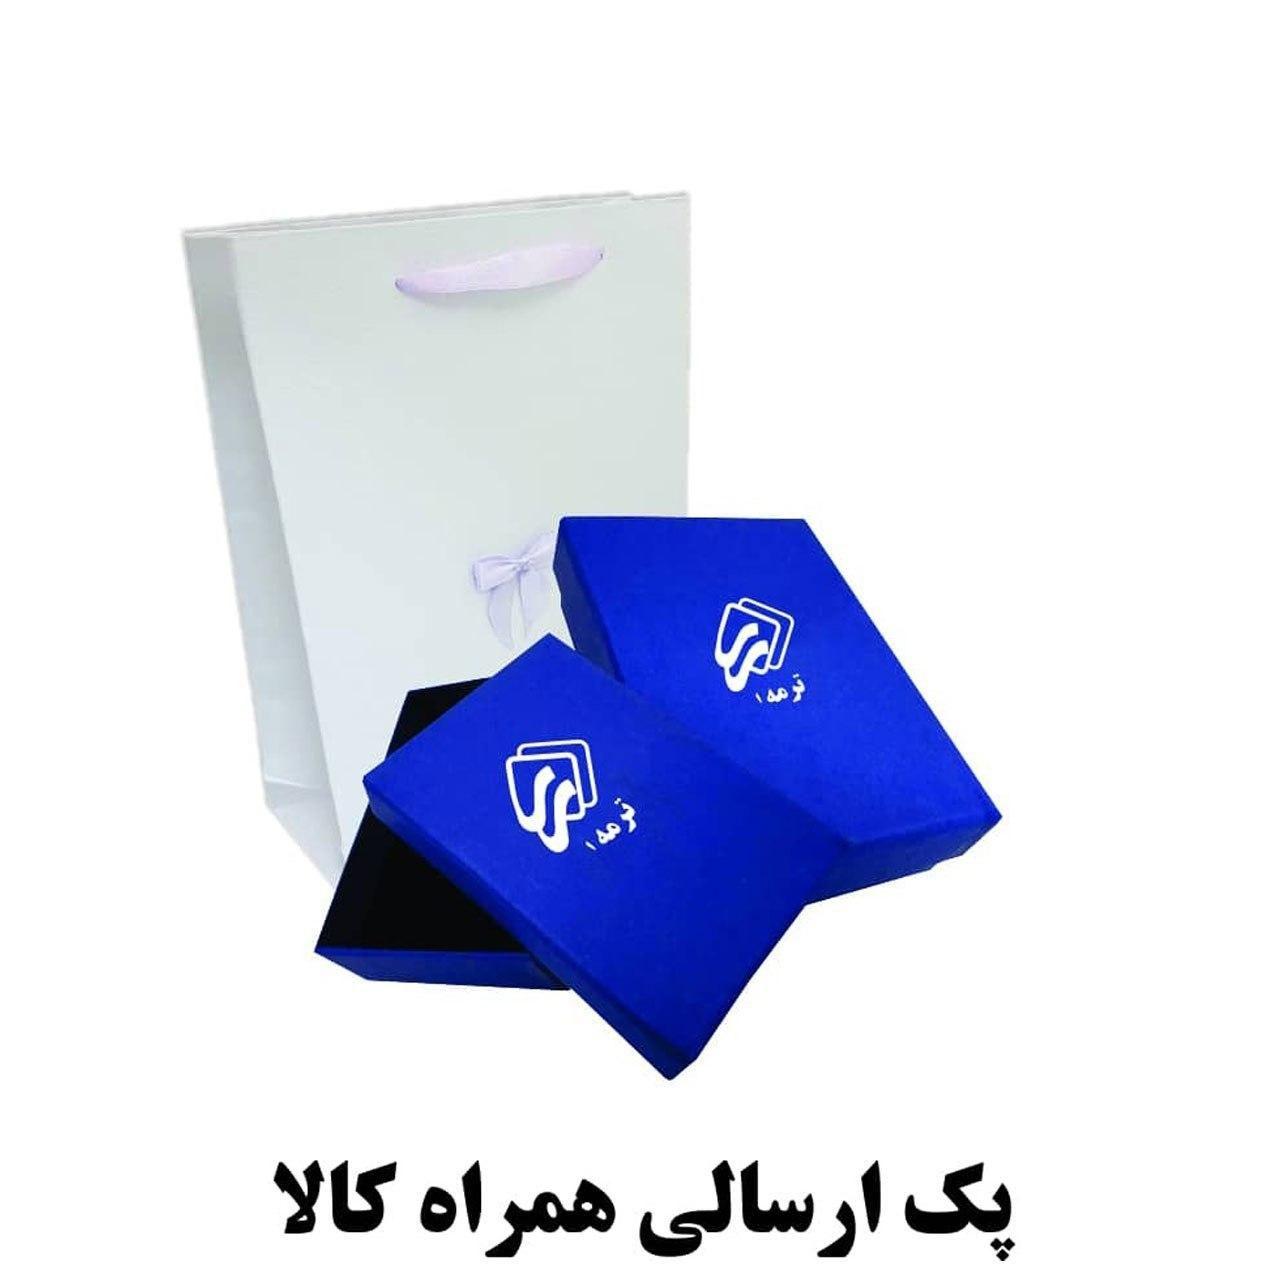 گردنبند نقره زنانه ترمه 1 طرح الله کد mas 0018 -  - 4